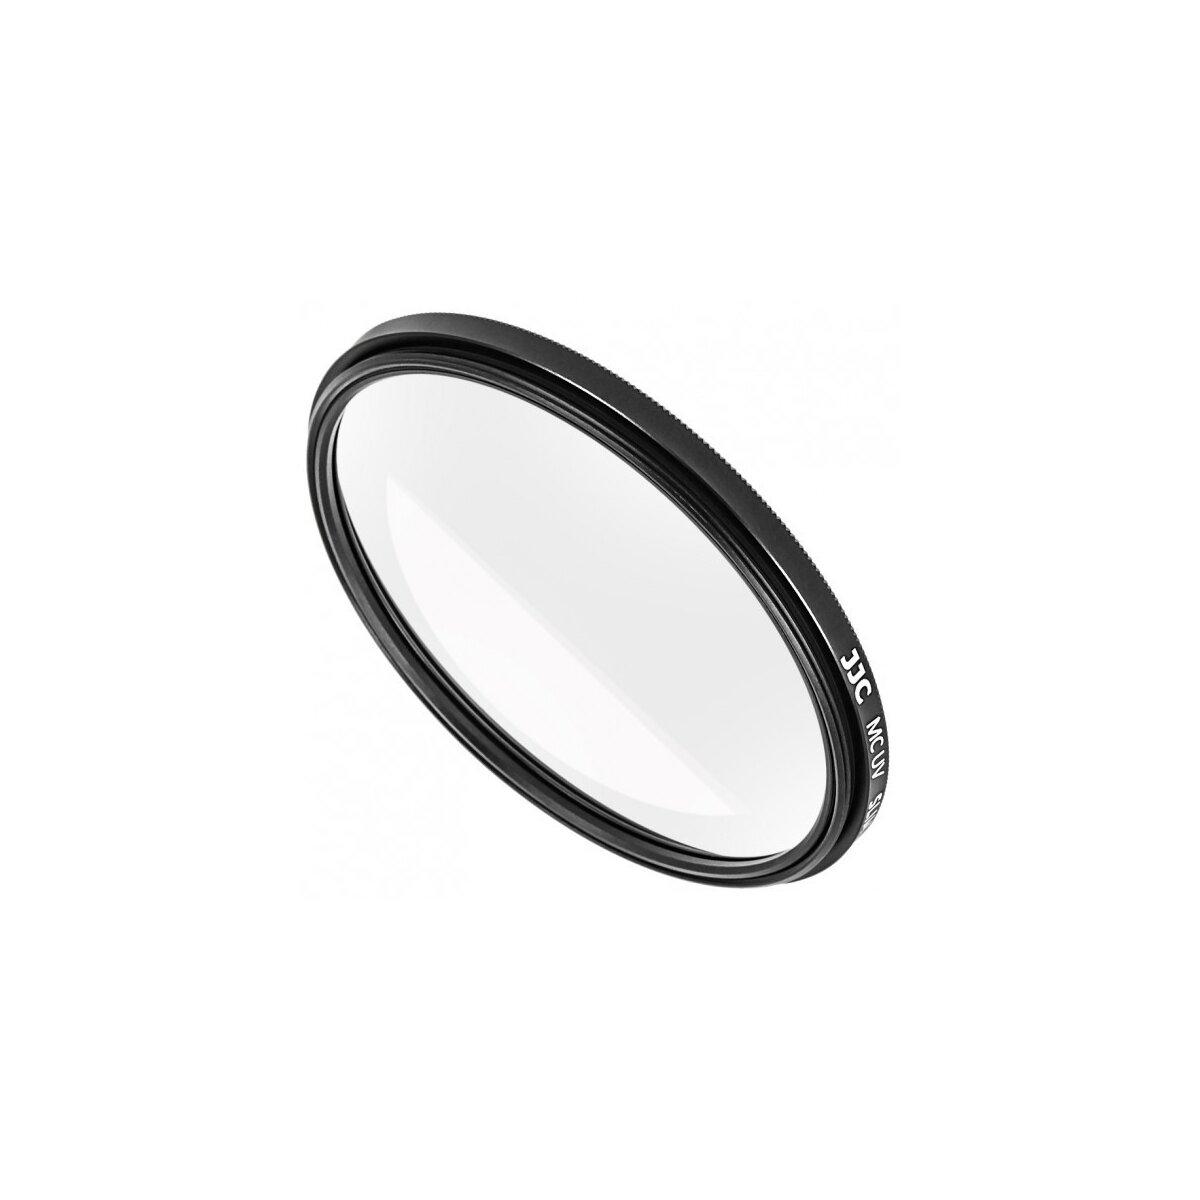 Ultra Flacher UV-Filter Schutzfilter fuer Objektive mit 49 mm Filtergewinde - reduziert stoerenden Dunst und schuetzt ihr wertvolles Objektiv